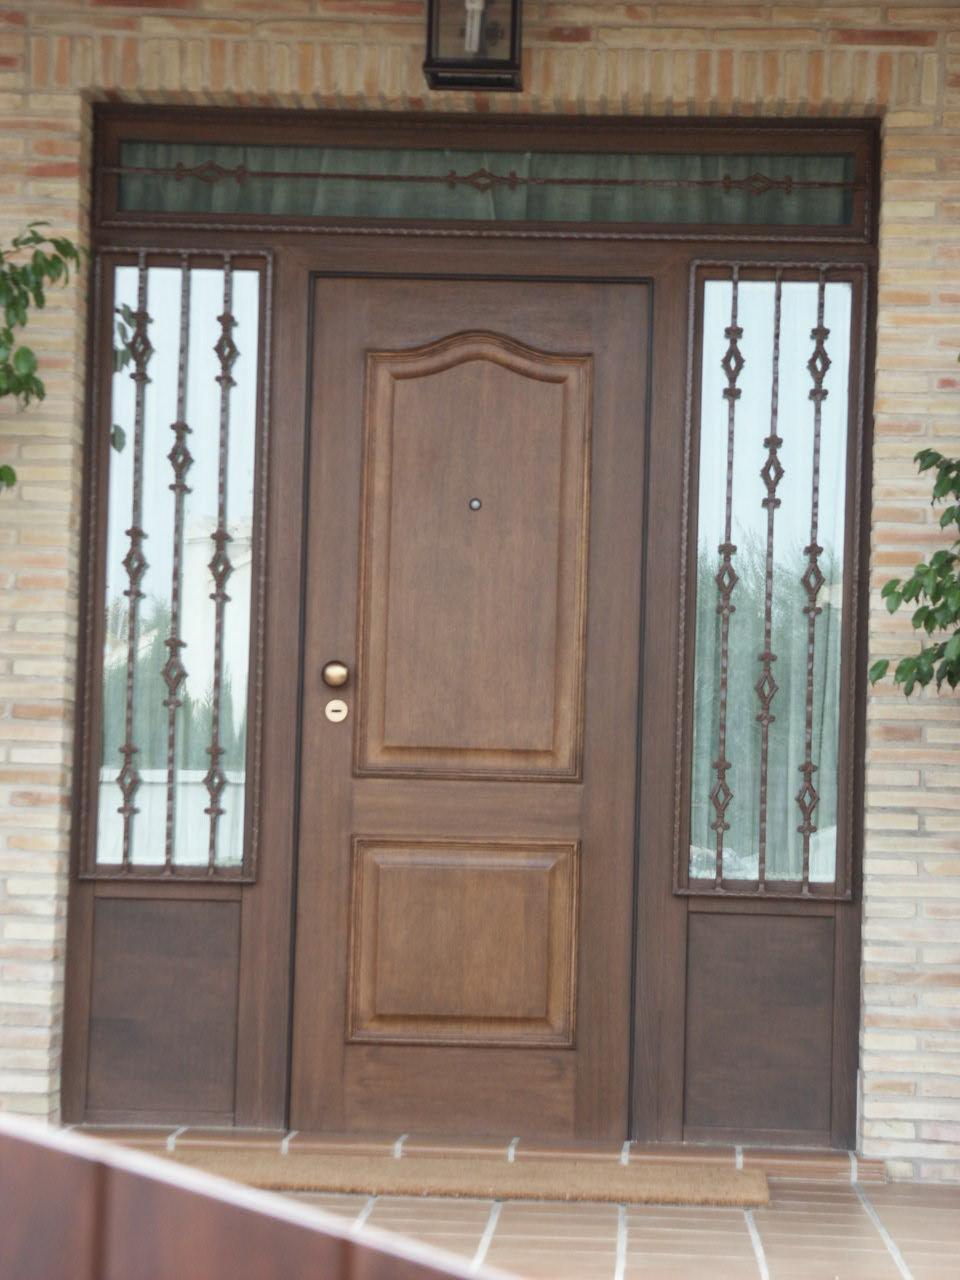 Galer a de fotos y ejemplos de puertas tecemur for Precios de puertas de madera entrada principal